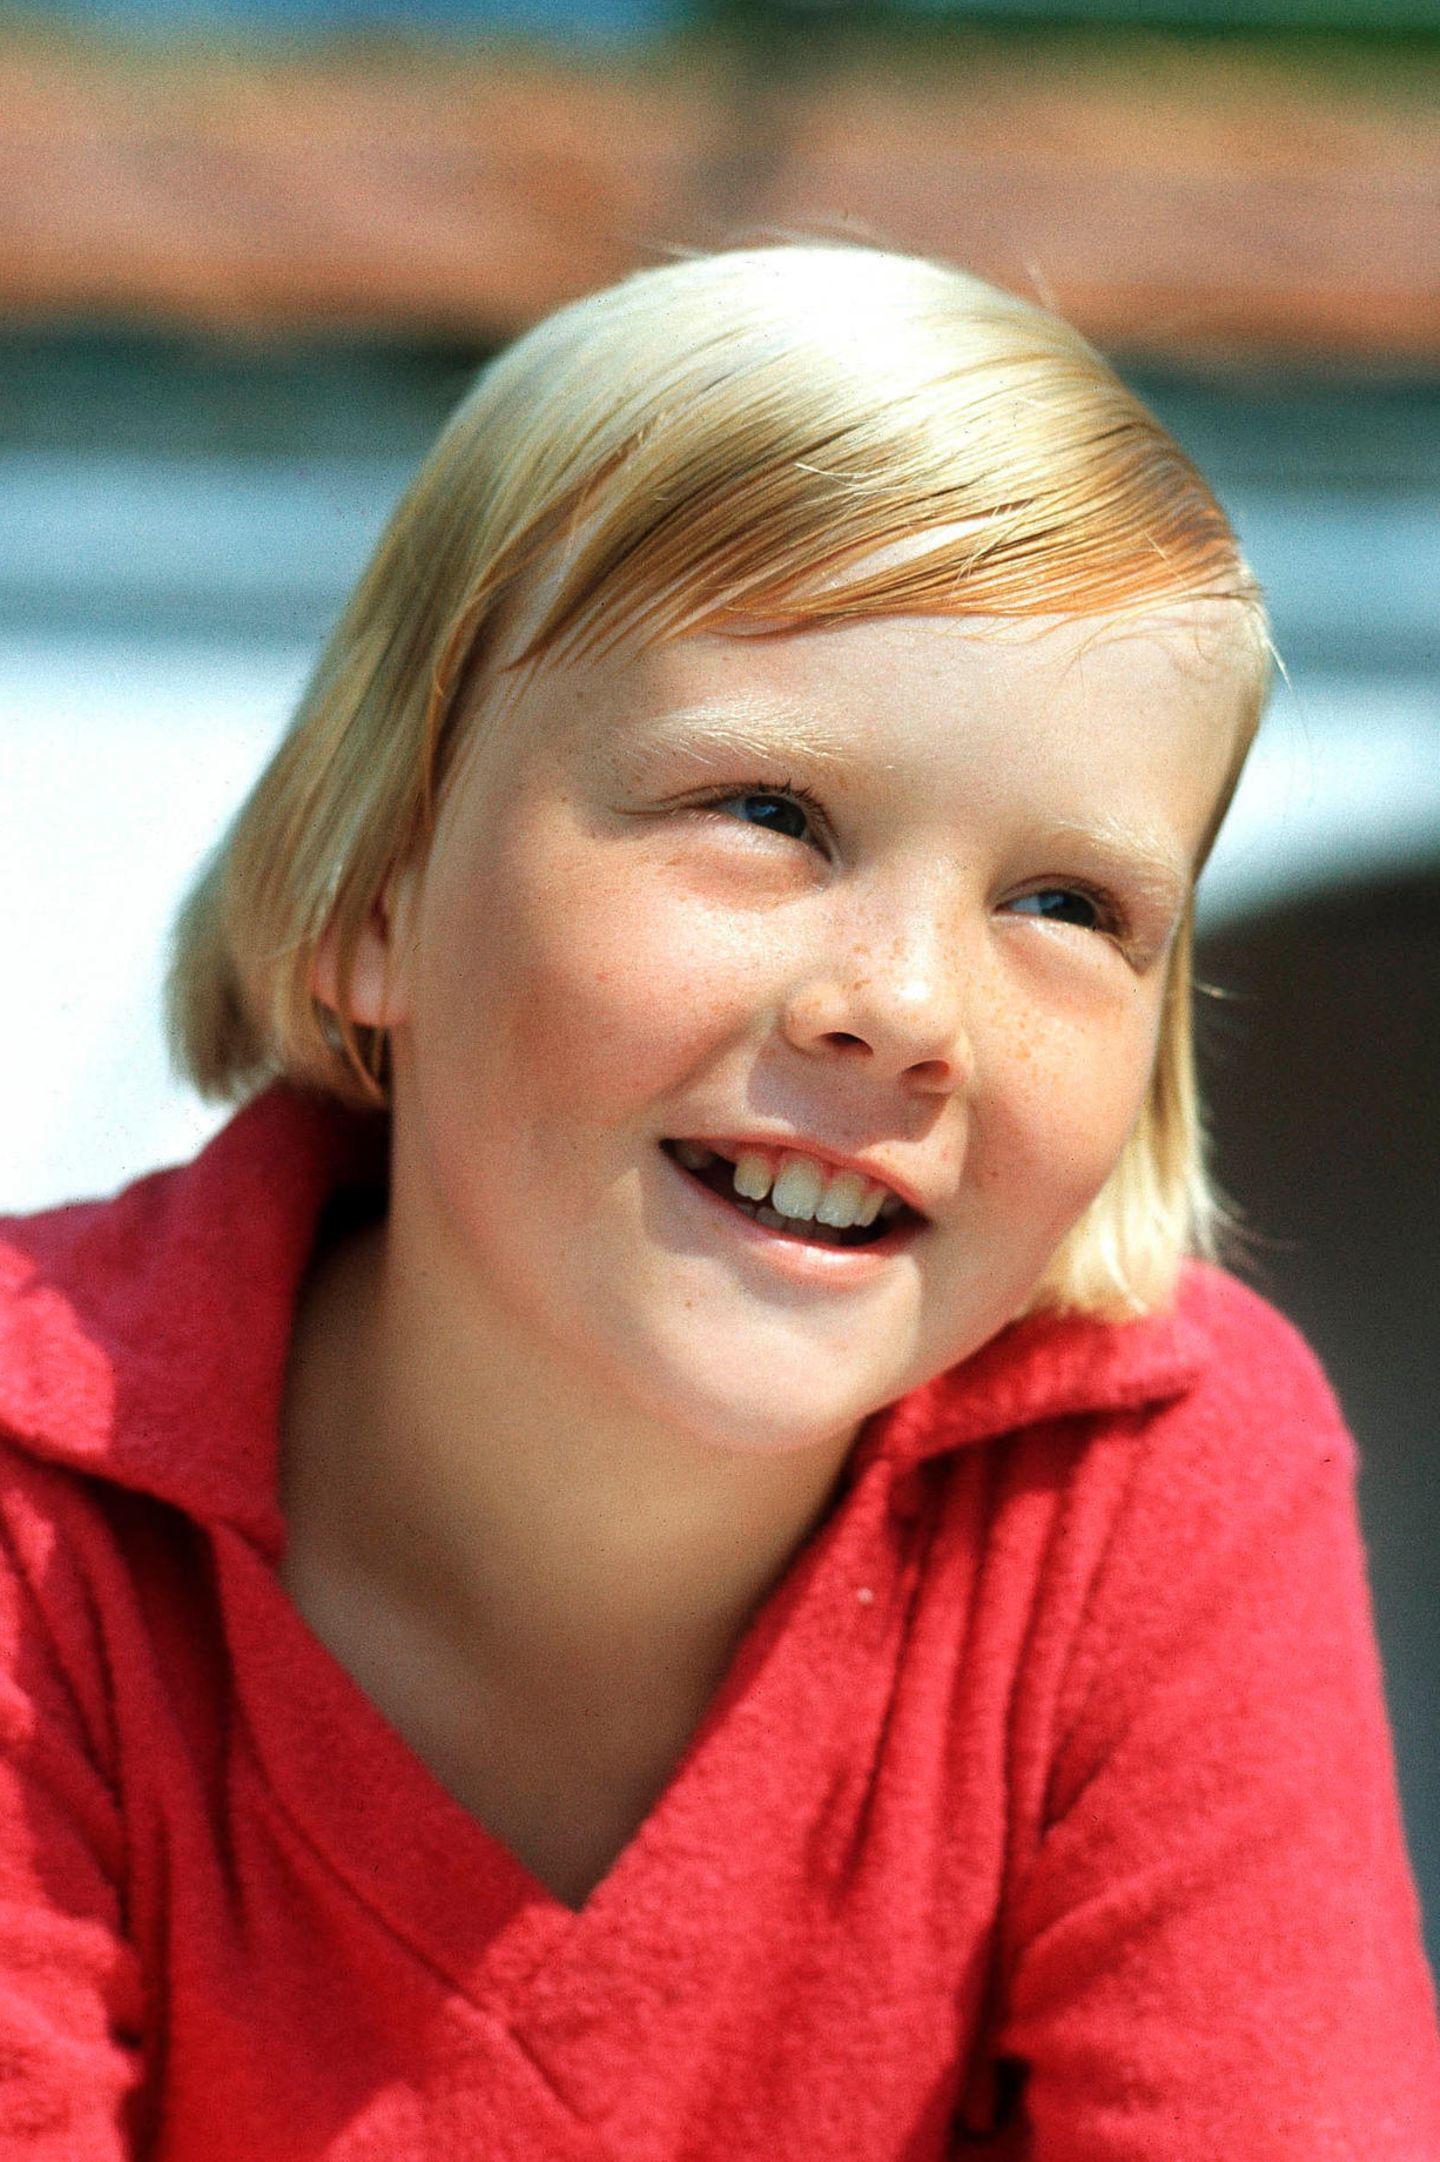 Mit artigem Scheitel schaut der spätere König der Niederlande als Junge in die Kamera.